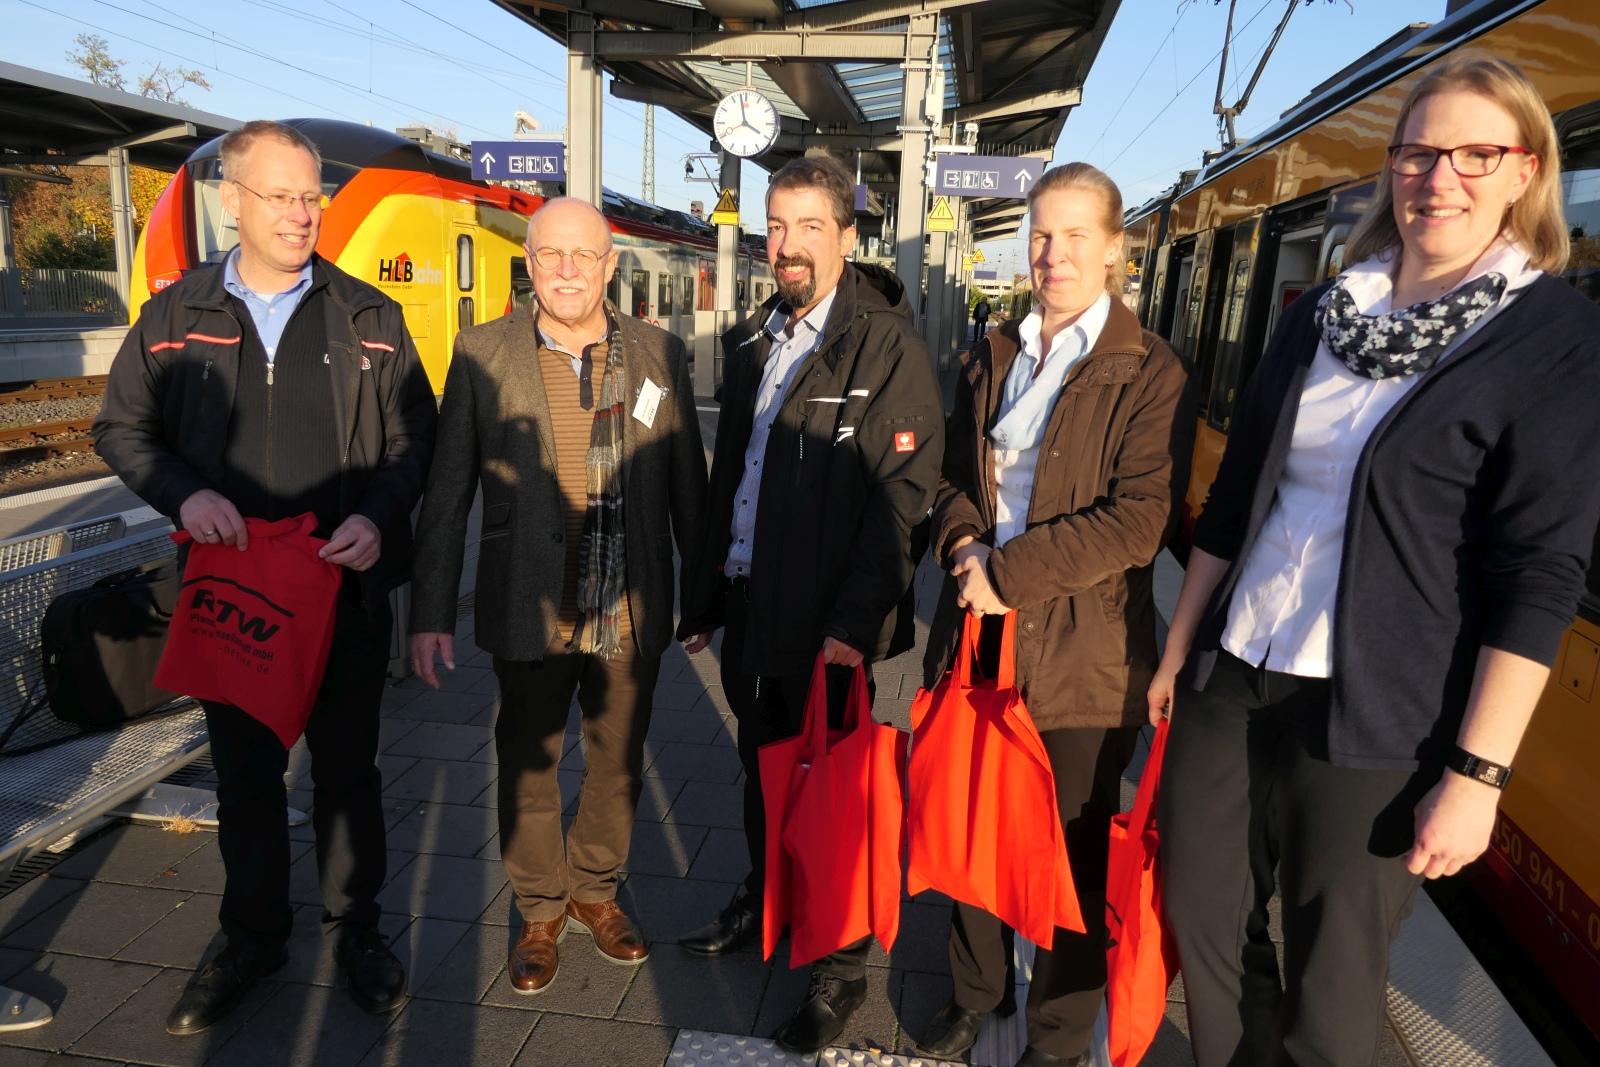 Geschäftsführer Horst Amann (2. von links) nach der Präsentation eines Zweisystem-Zuges am Bahnhof Frankfurt-Höchst.